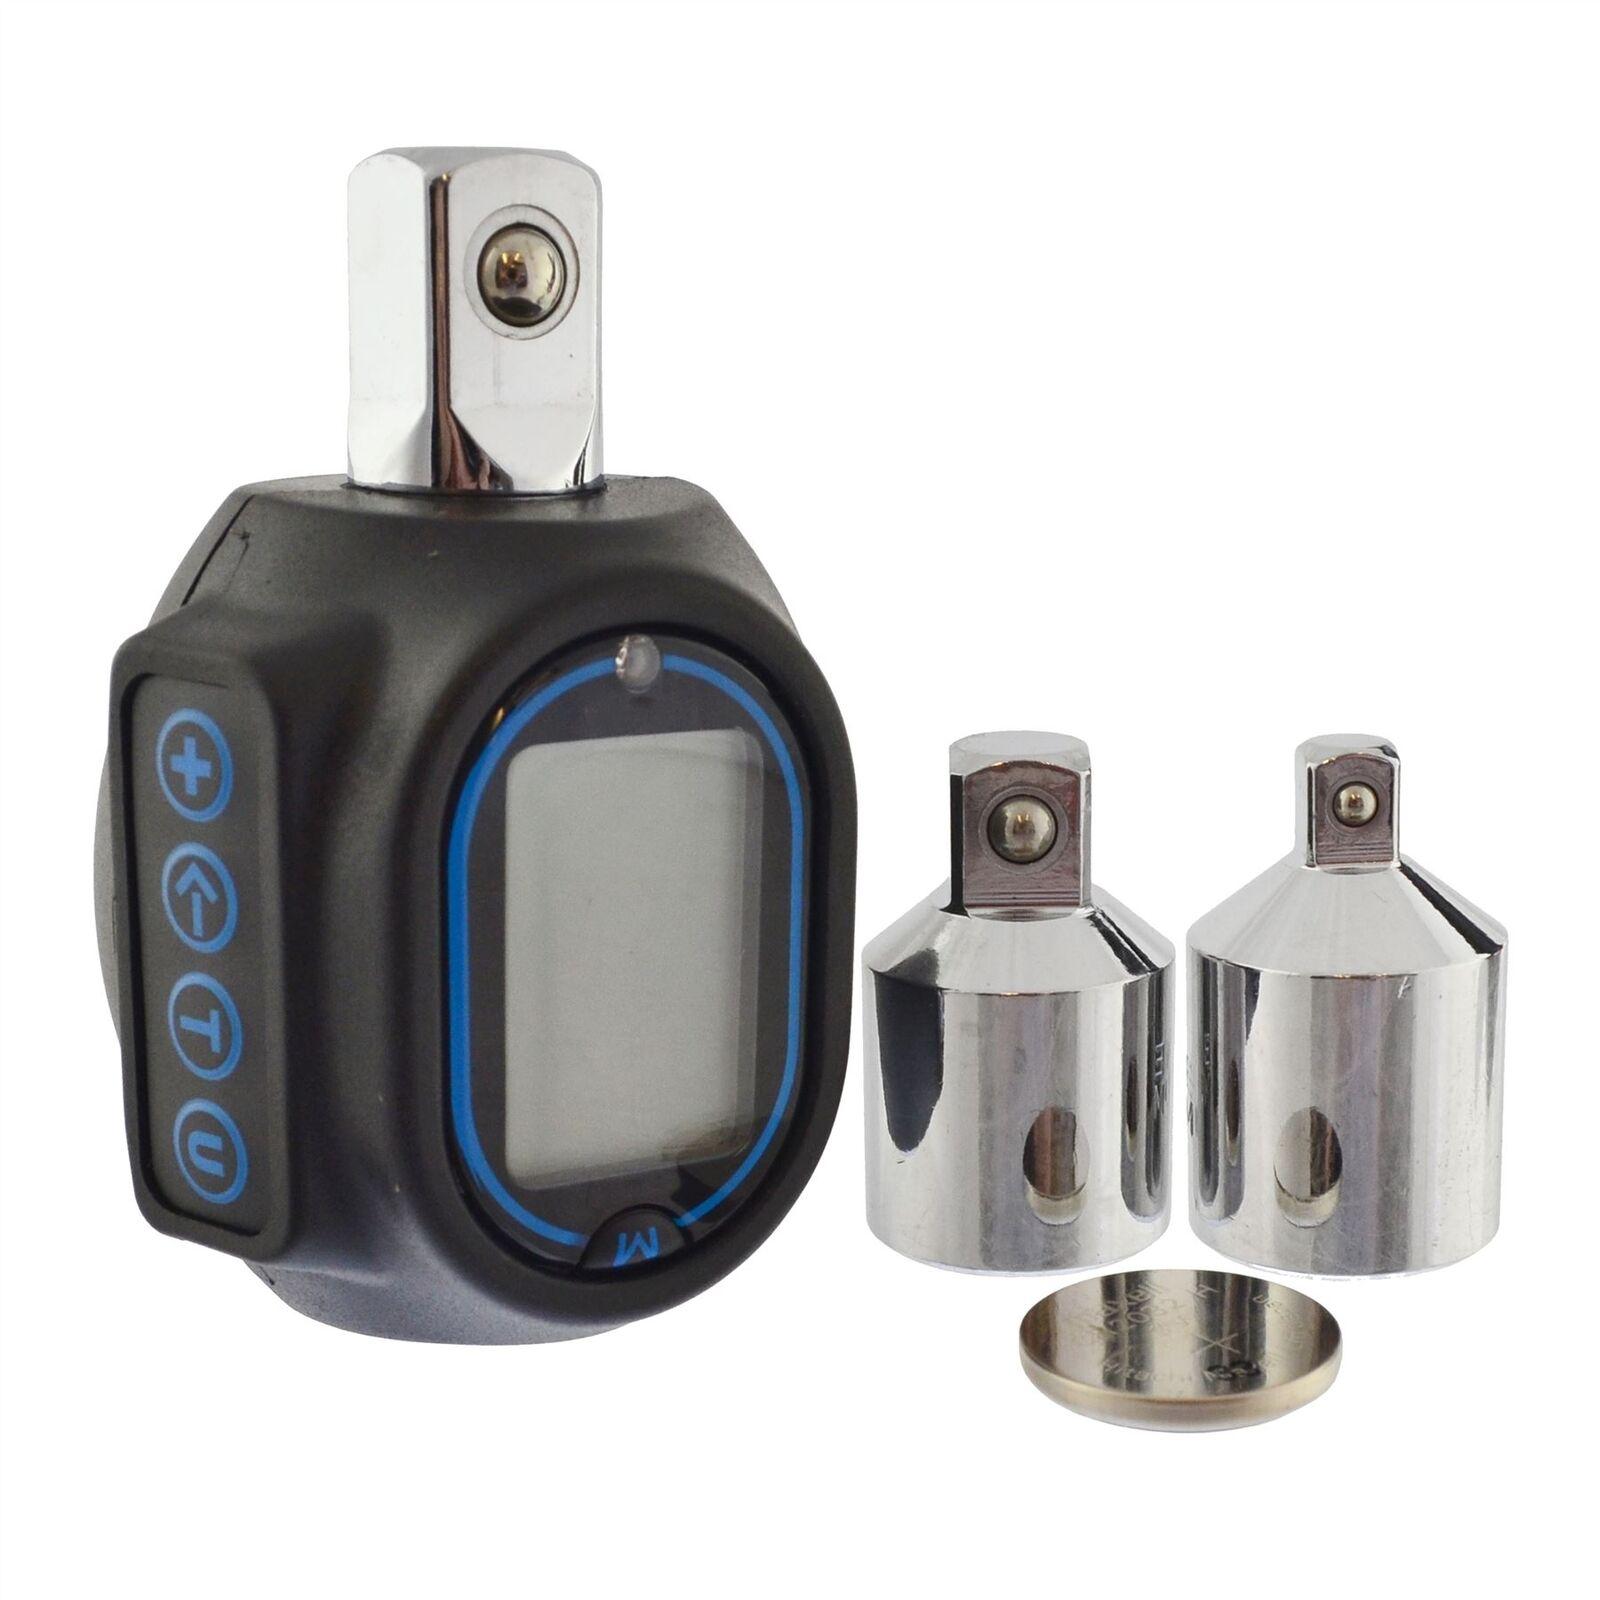 Electornic LCD digitaler Kameraadapter für Winkel serrage Kameraadapter 40 - 20